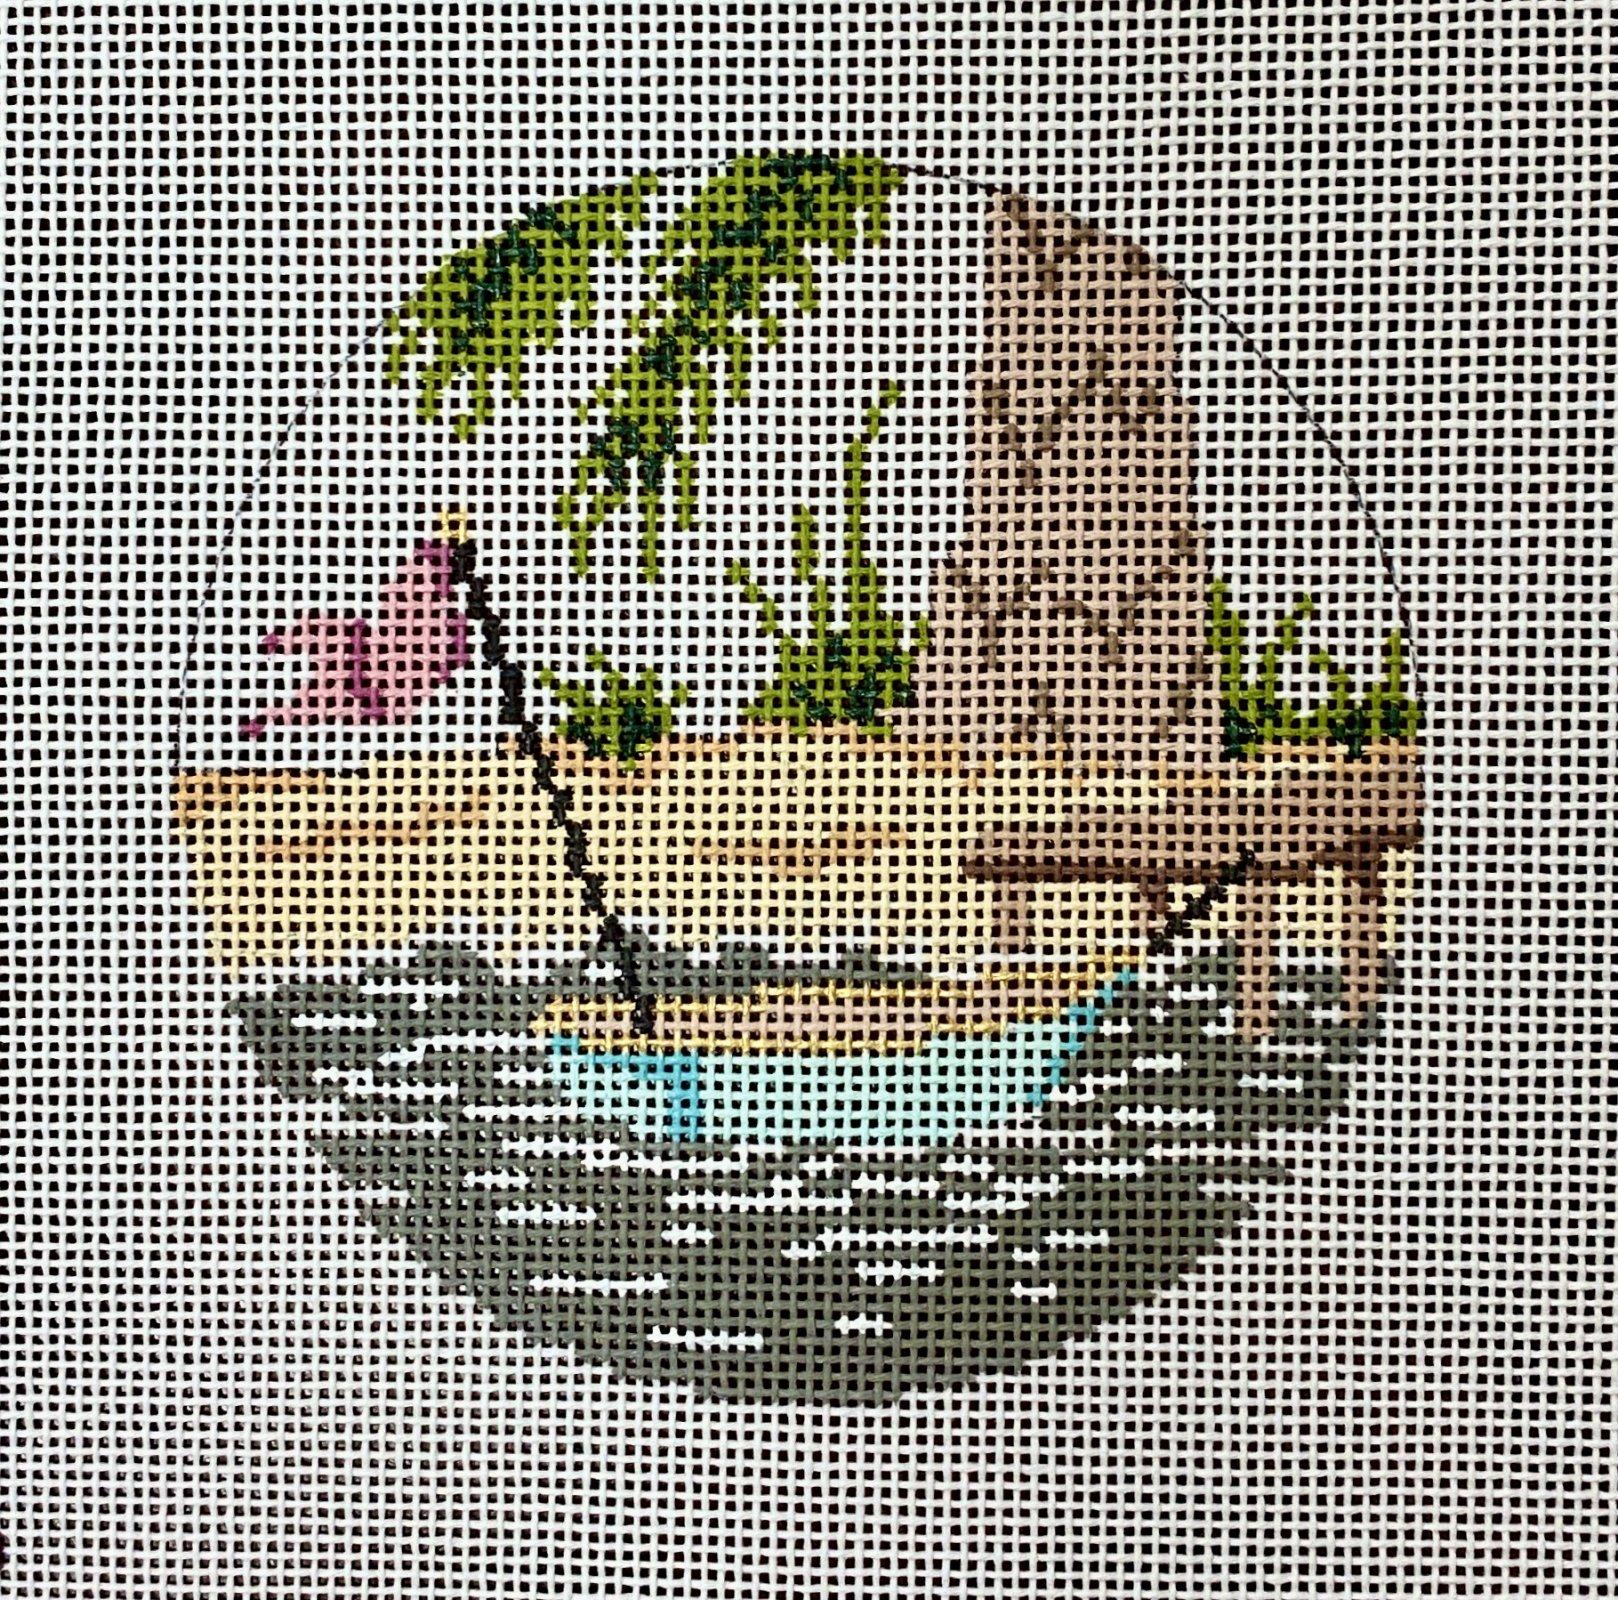 seaside series, dock